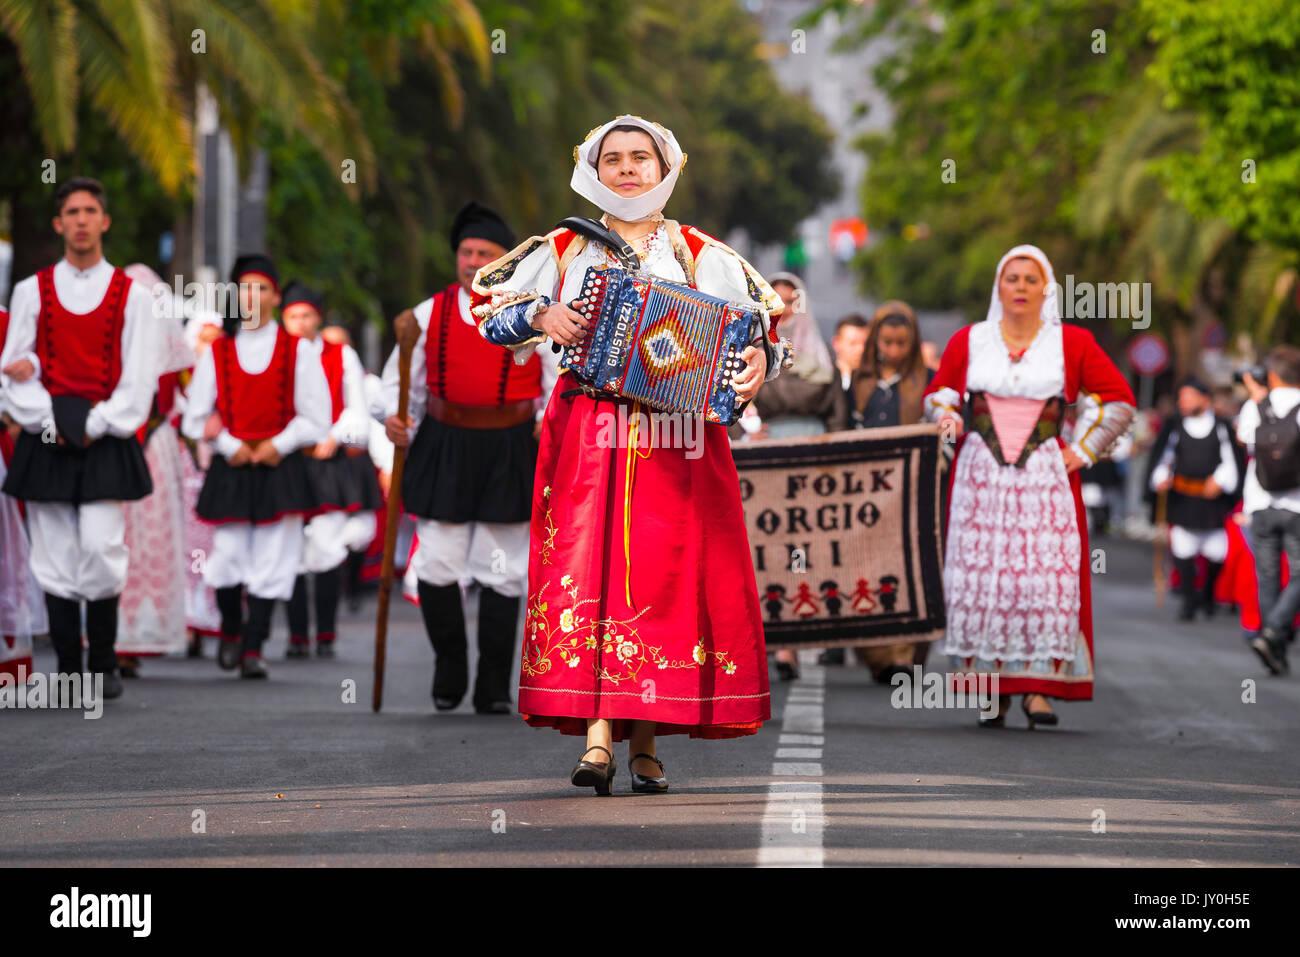 Fiesta tradicional de Cerdeña, una mujer acordeonista lleva su grupo folklórico local en la gran procesión Imagen De Stock